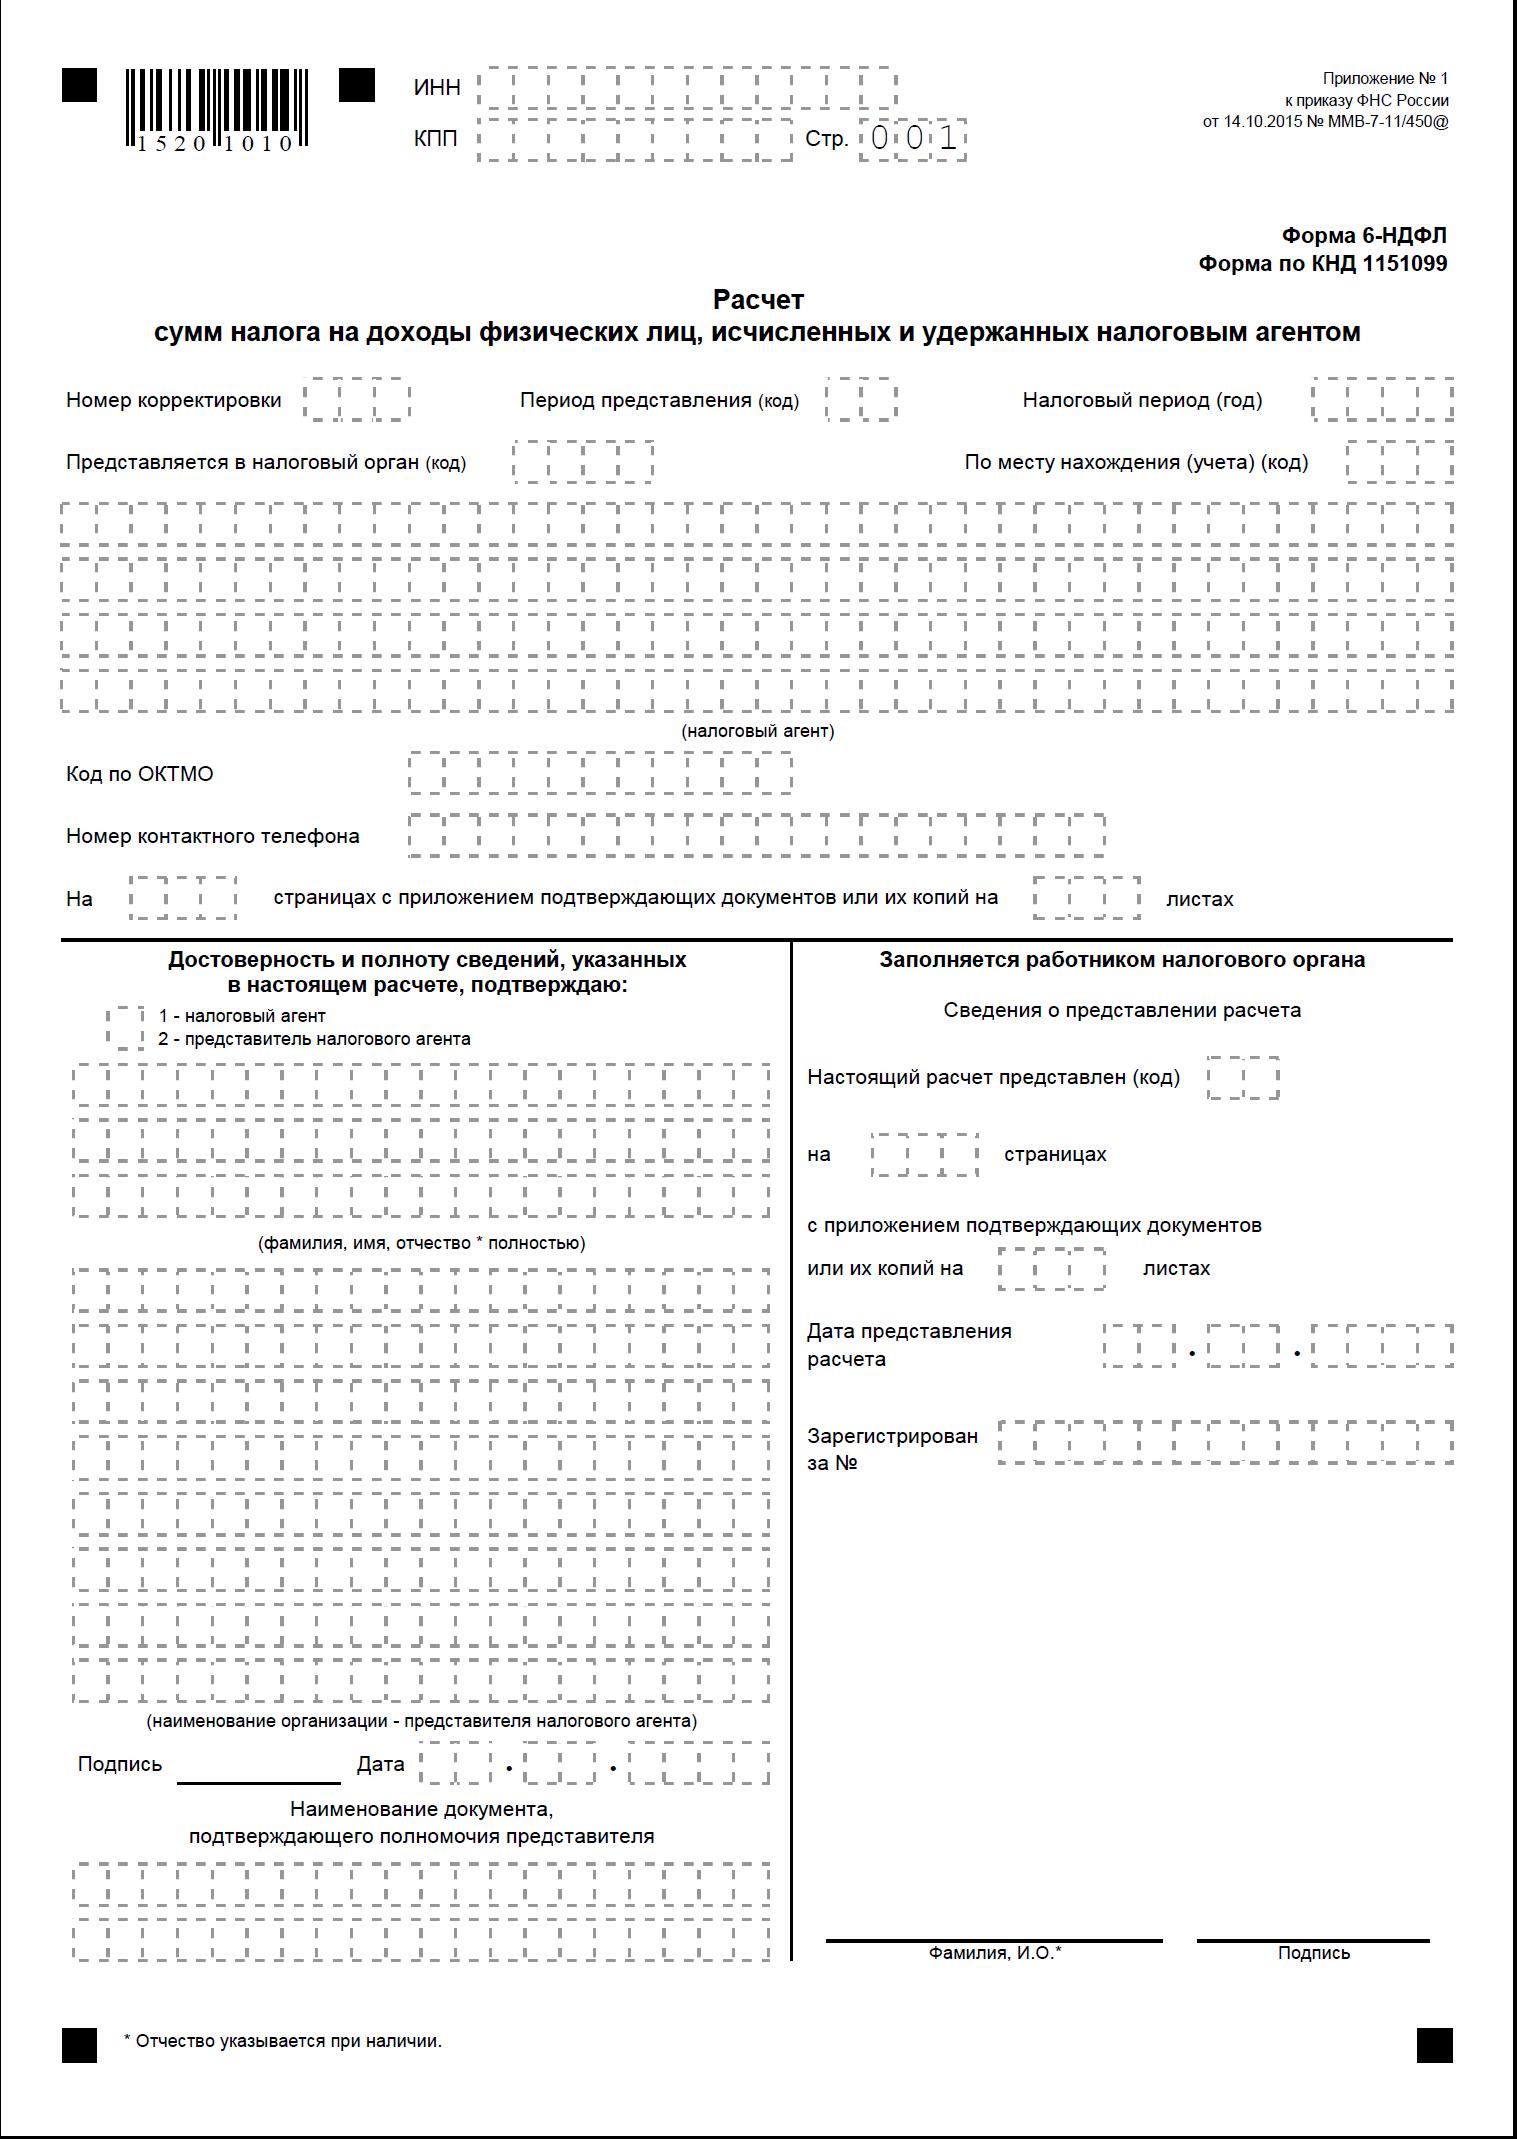 справка ндфл-2 для ифнс инструкция заполнения